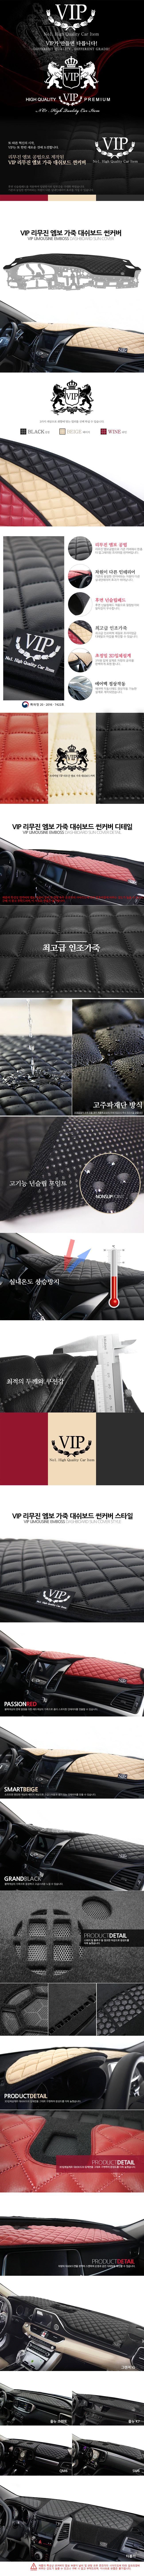 VIP 리무진엠보 가죽 대쉬보드 썬커버 / 햇빛가리개